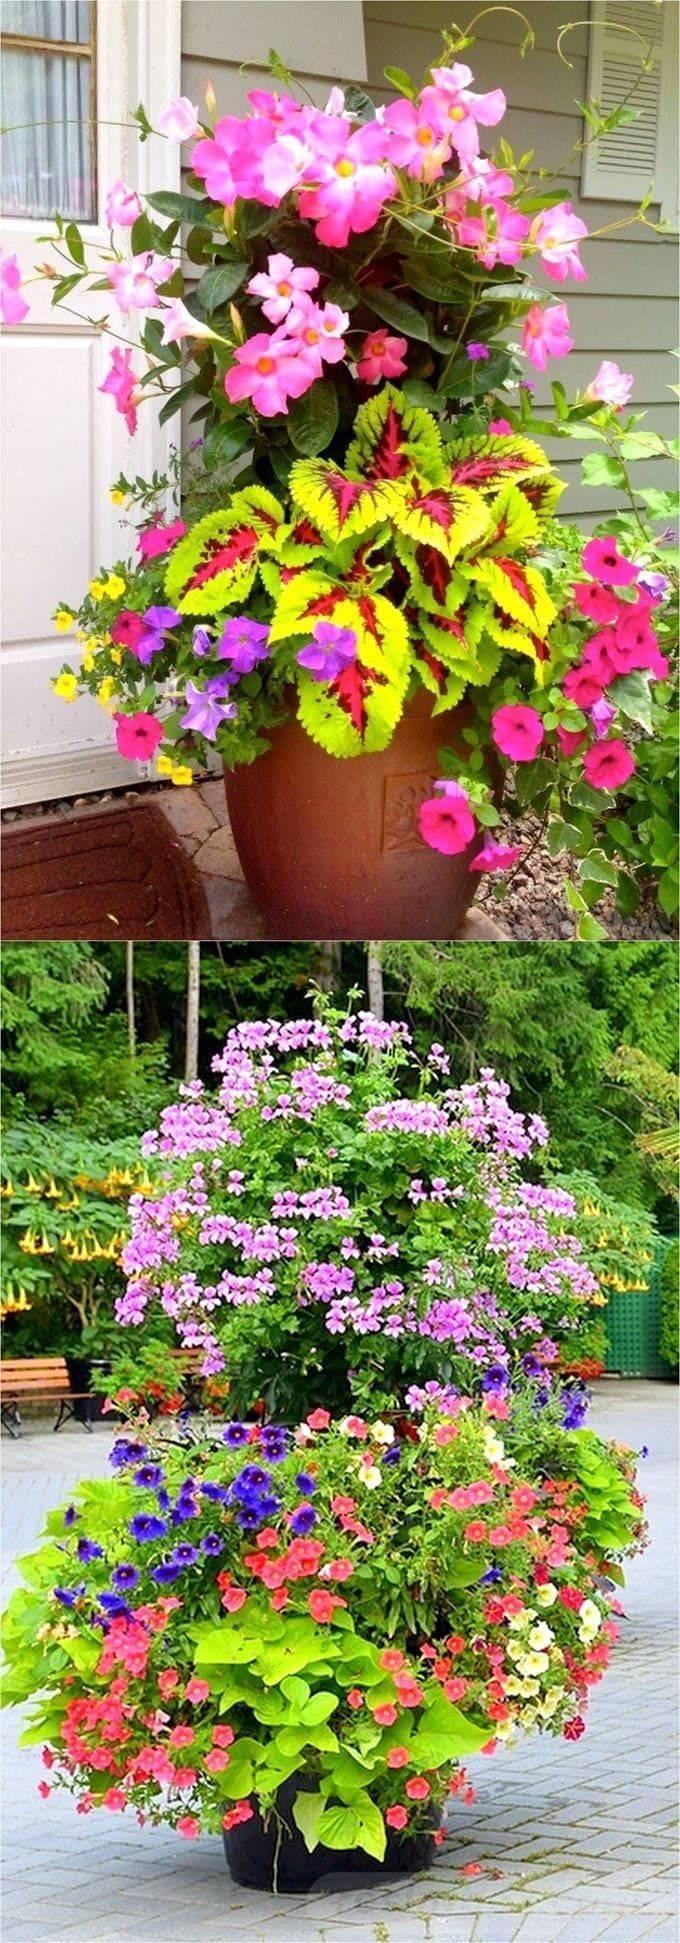 garden pot design-98657048072263219